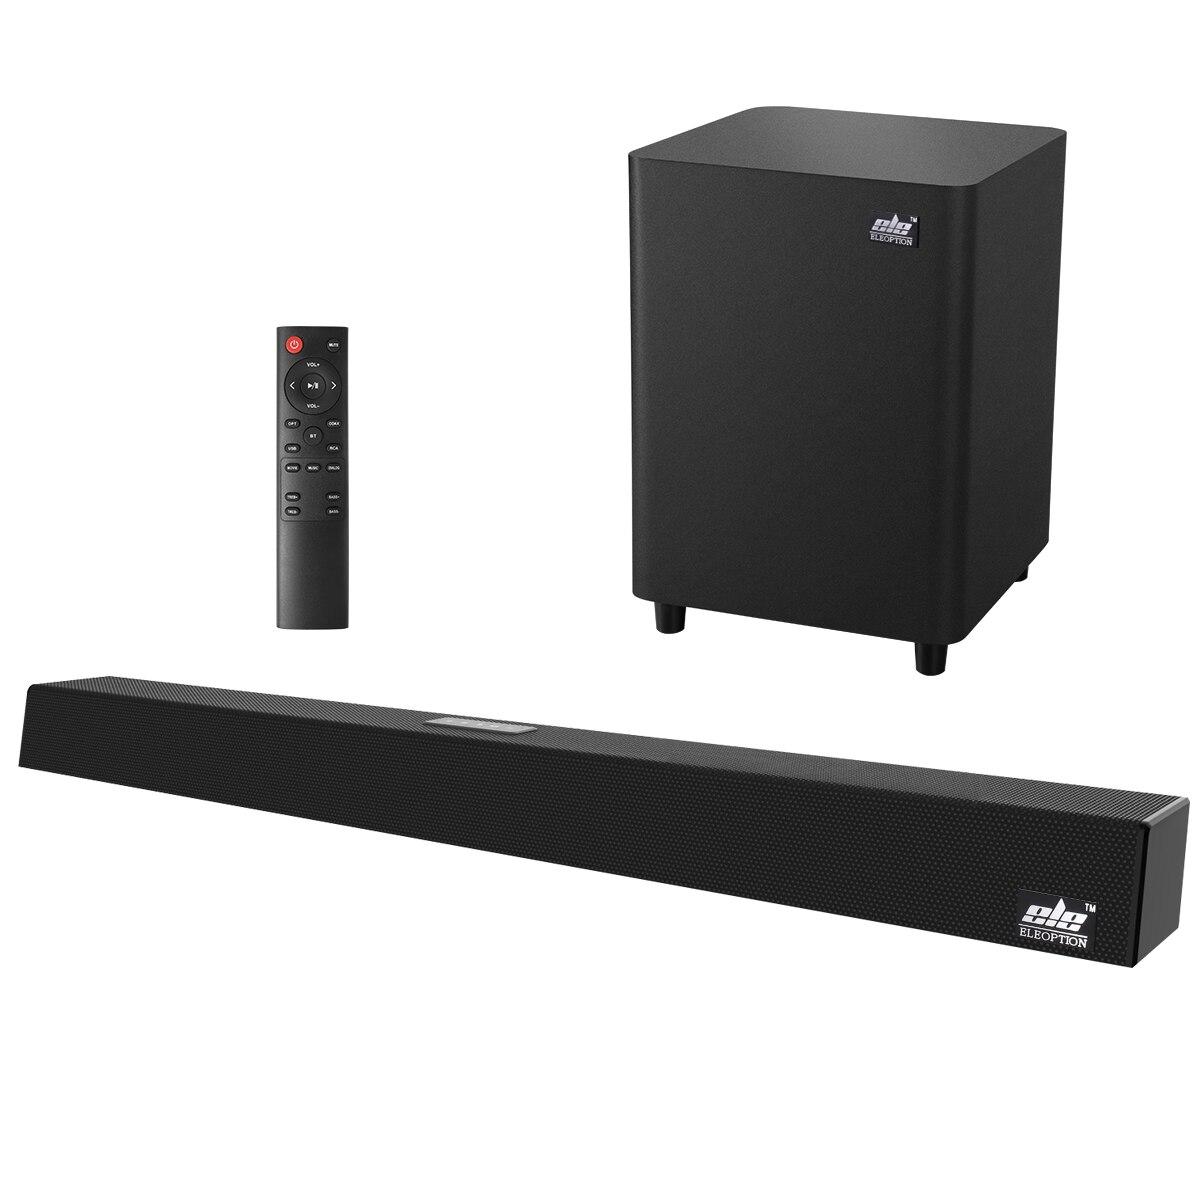 Звуковая система для домашнего кинотеатра, 120 Вт, звуковая панель 2.1, Bluetooth колонка с поддержкой оптического коаксиального кабеля AUX, звукова